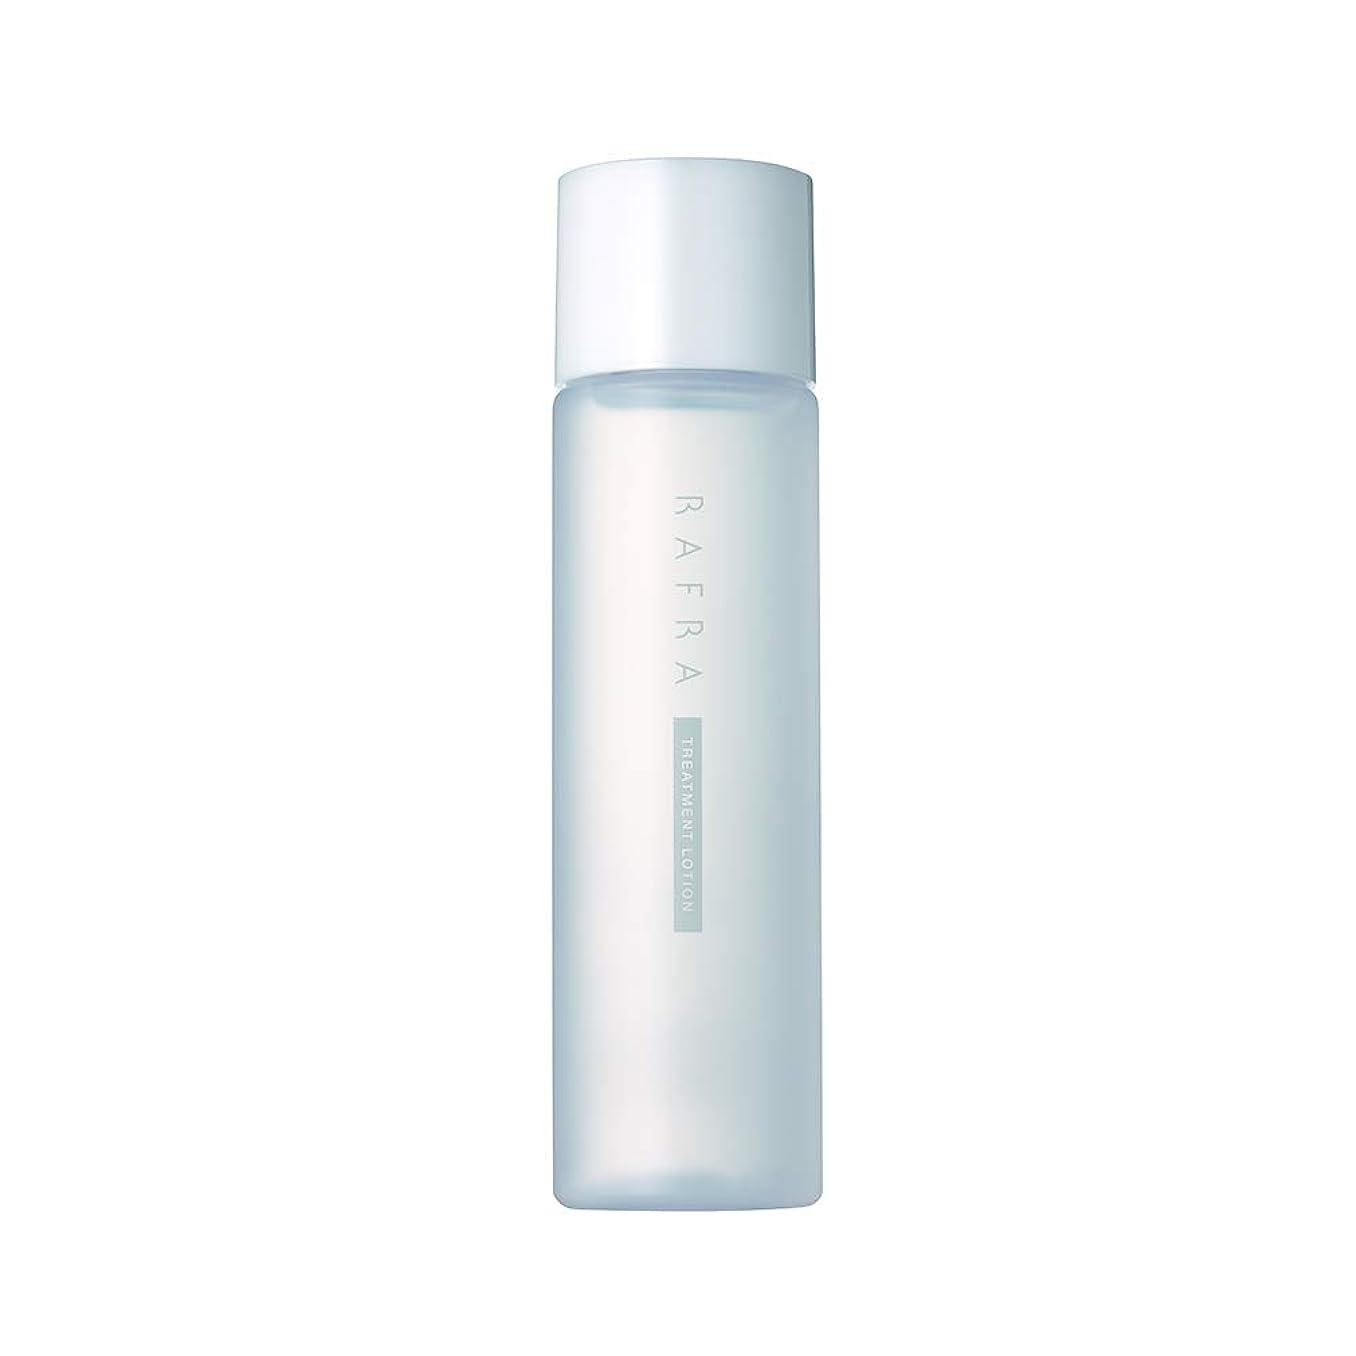 センター疑わしいオーバーフローラフラ トリートメントローション 150ml 化粧水 ブースター 導入液